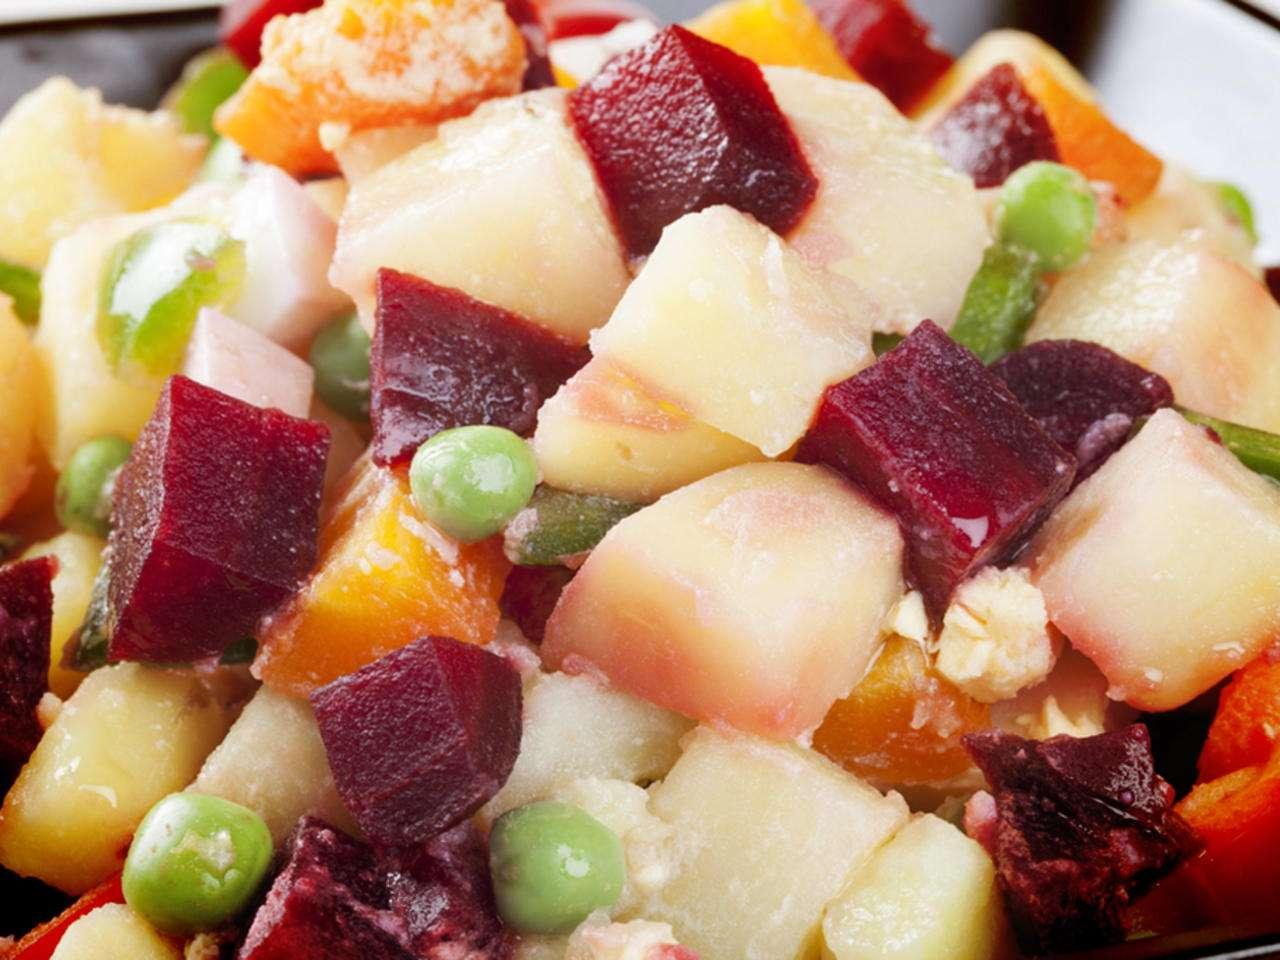 Receita de Salada de Beterraba, Pera, Batata, Cenoura e Ervilha